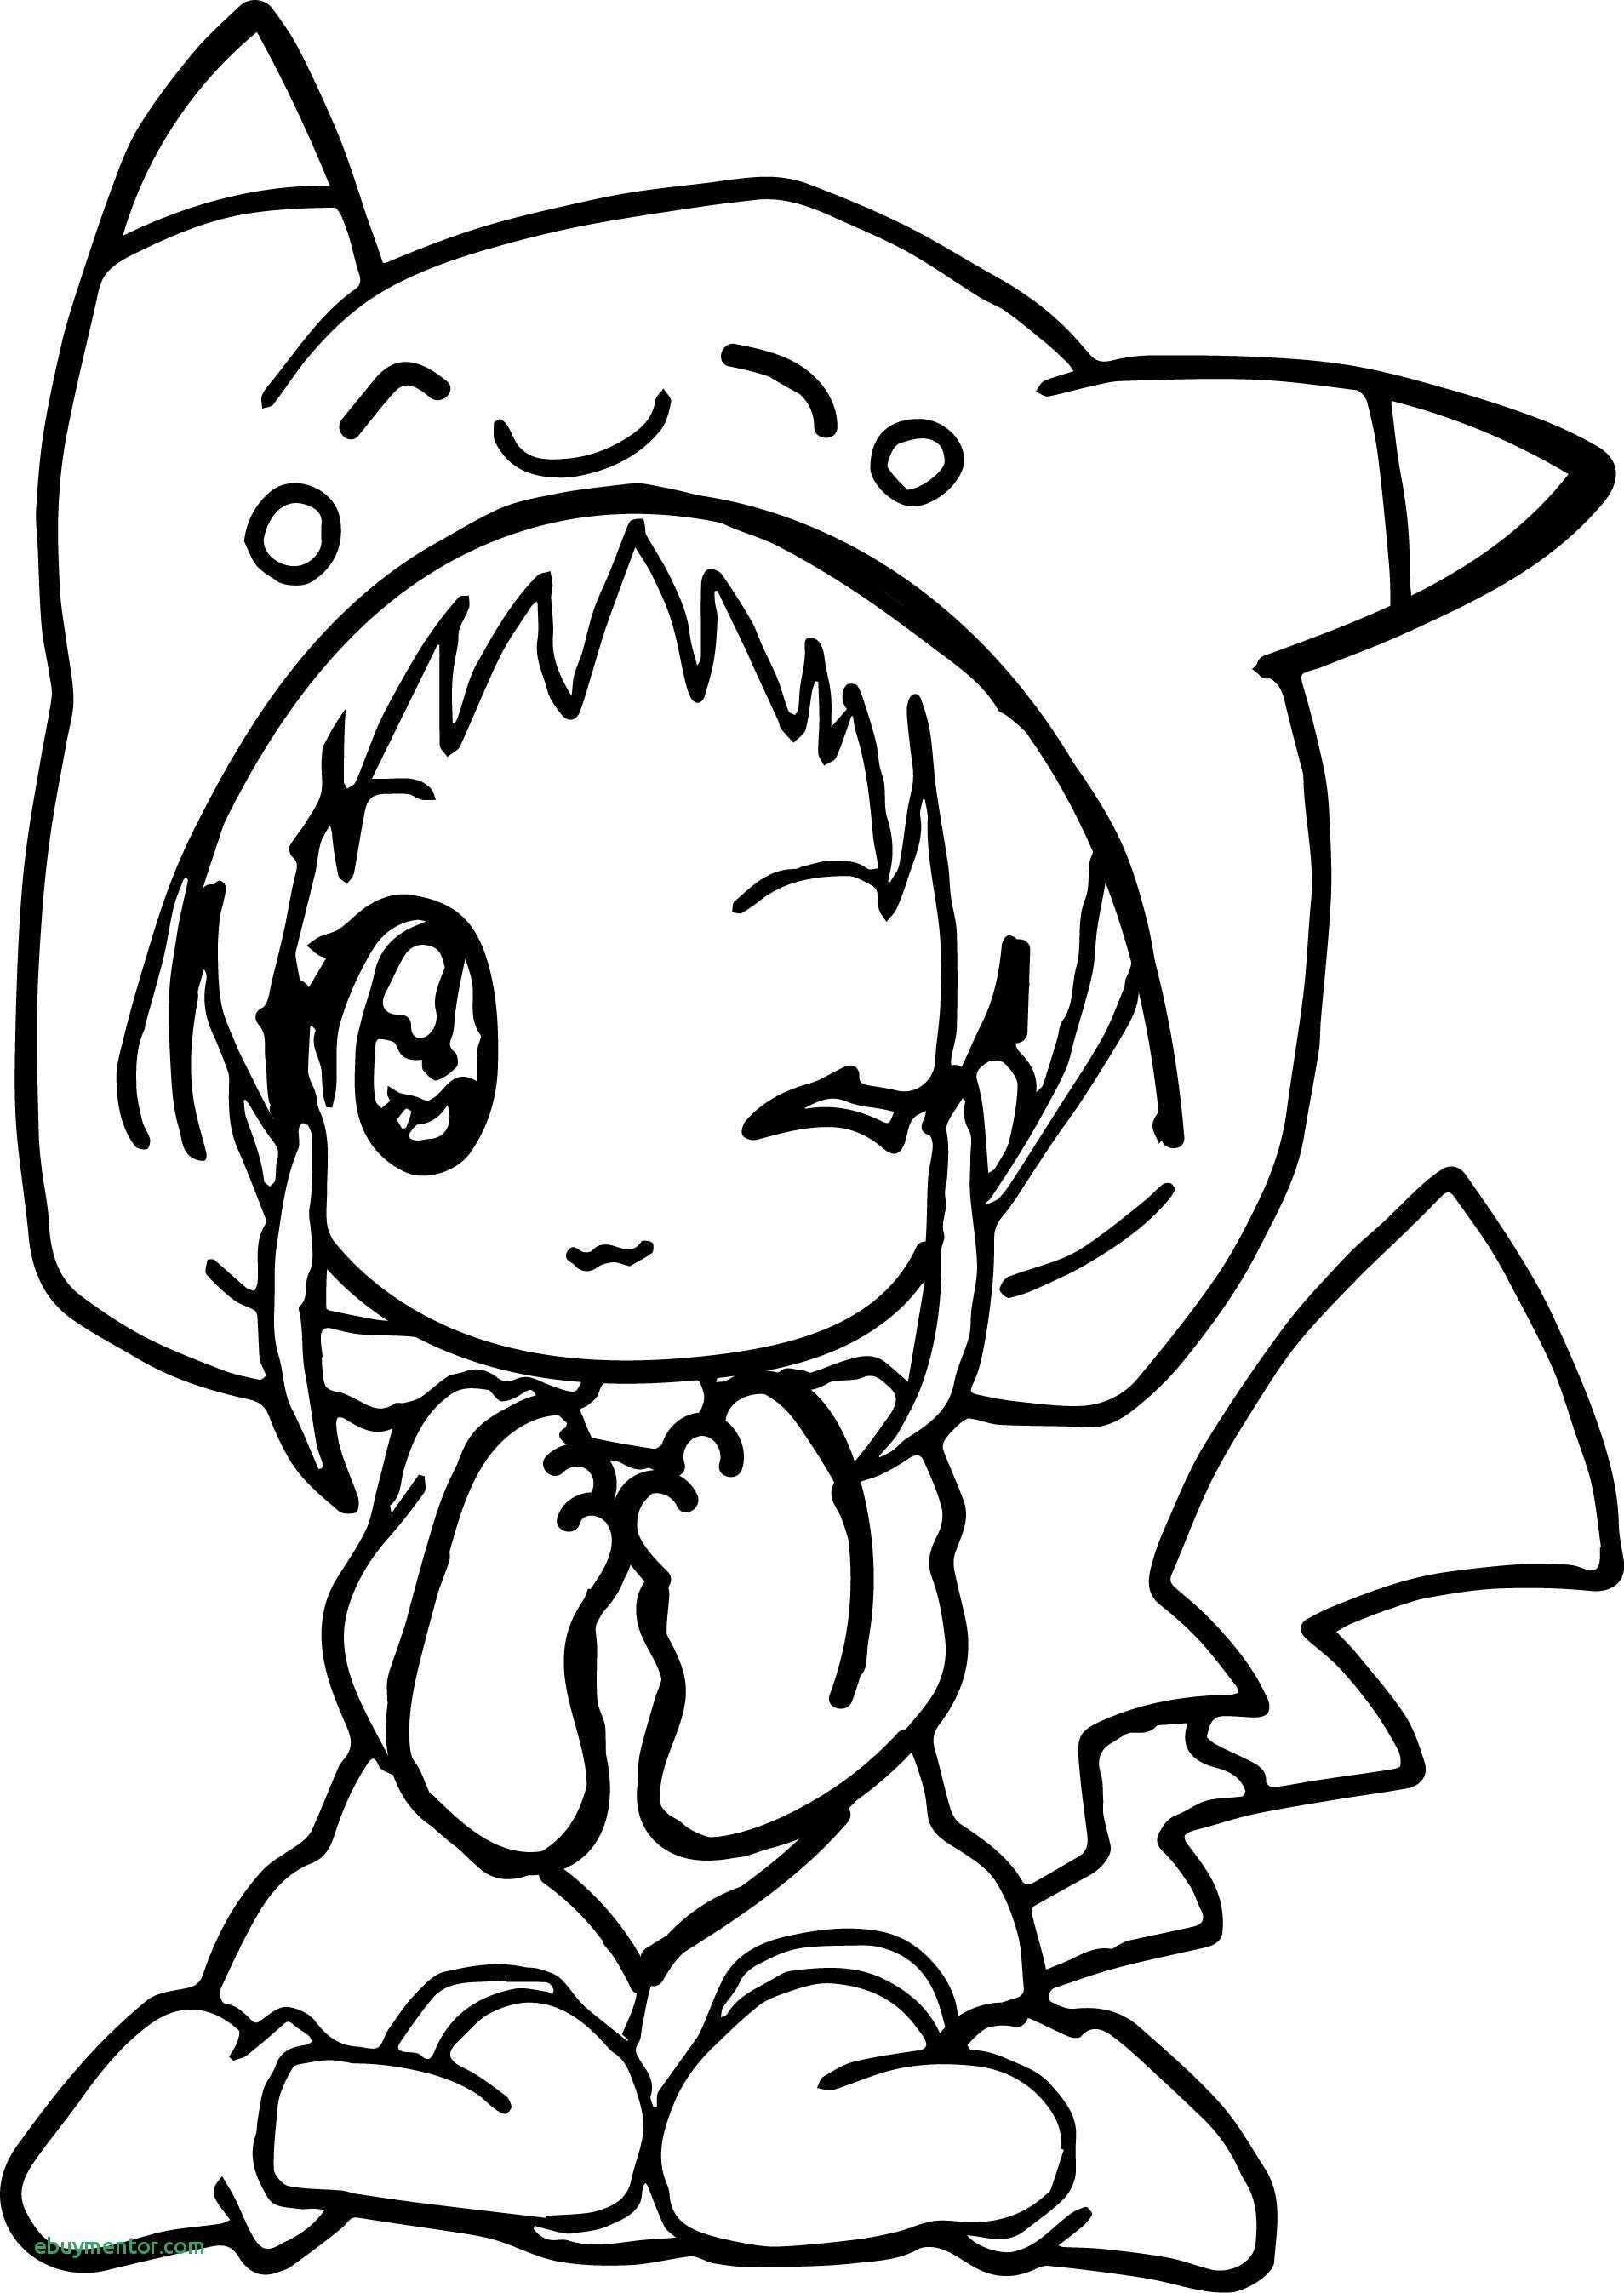 Einzigartig Malvorlagen Anime #Malvorlagen #